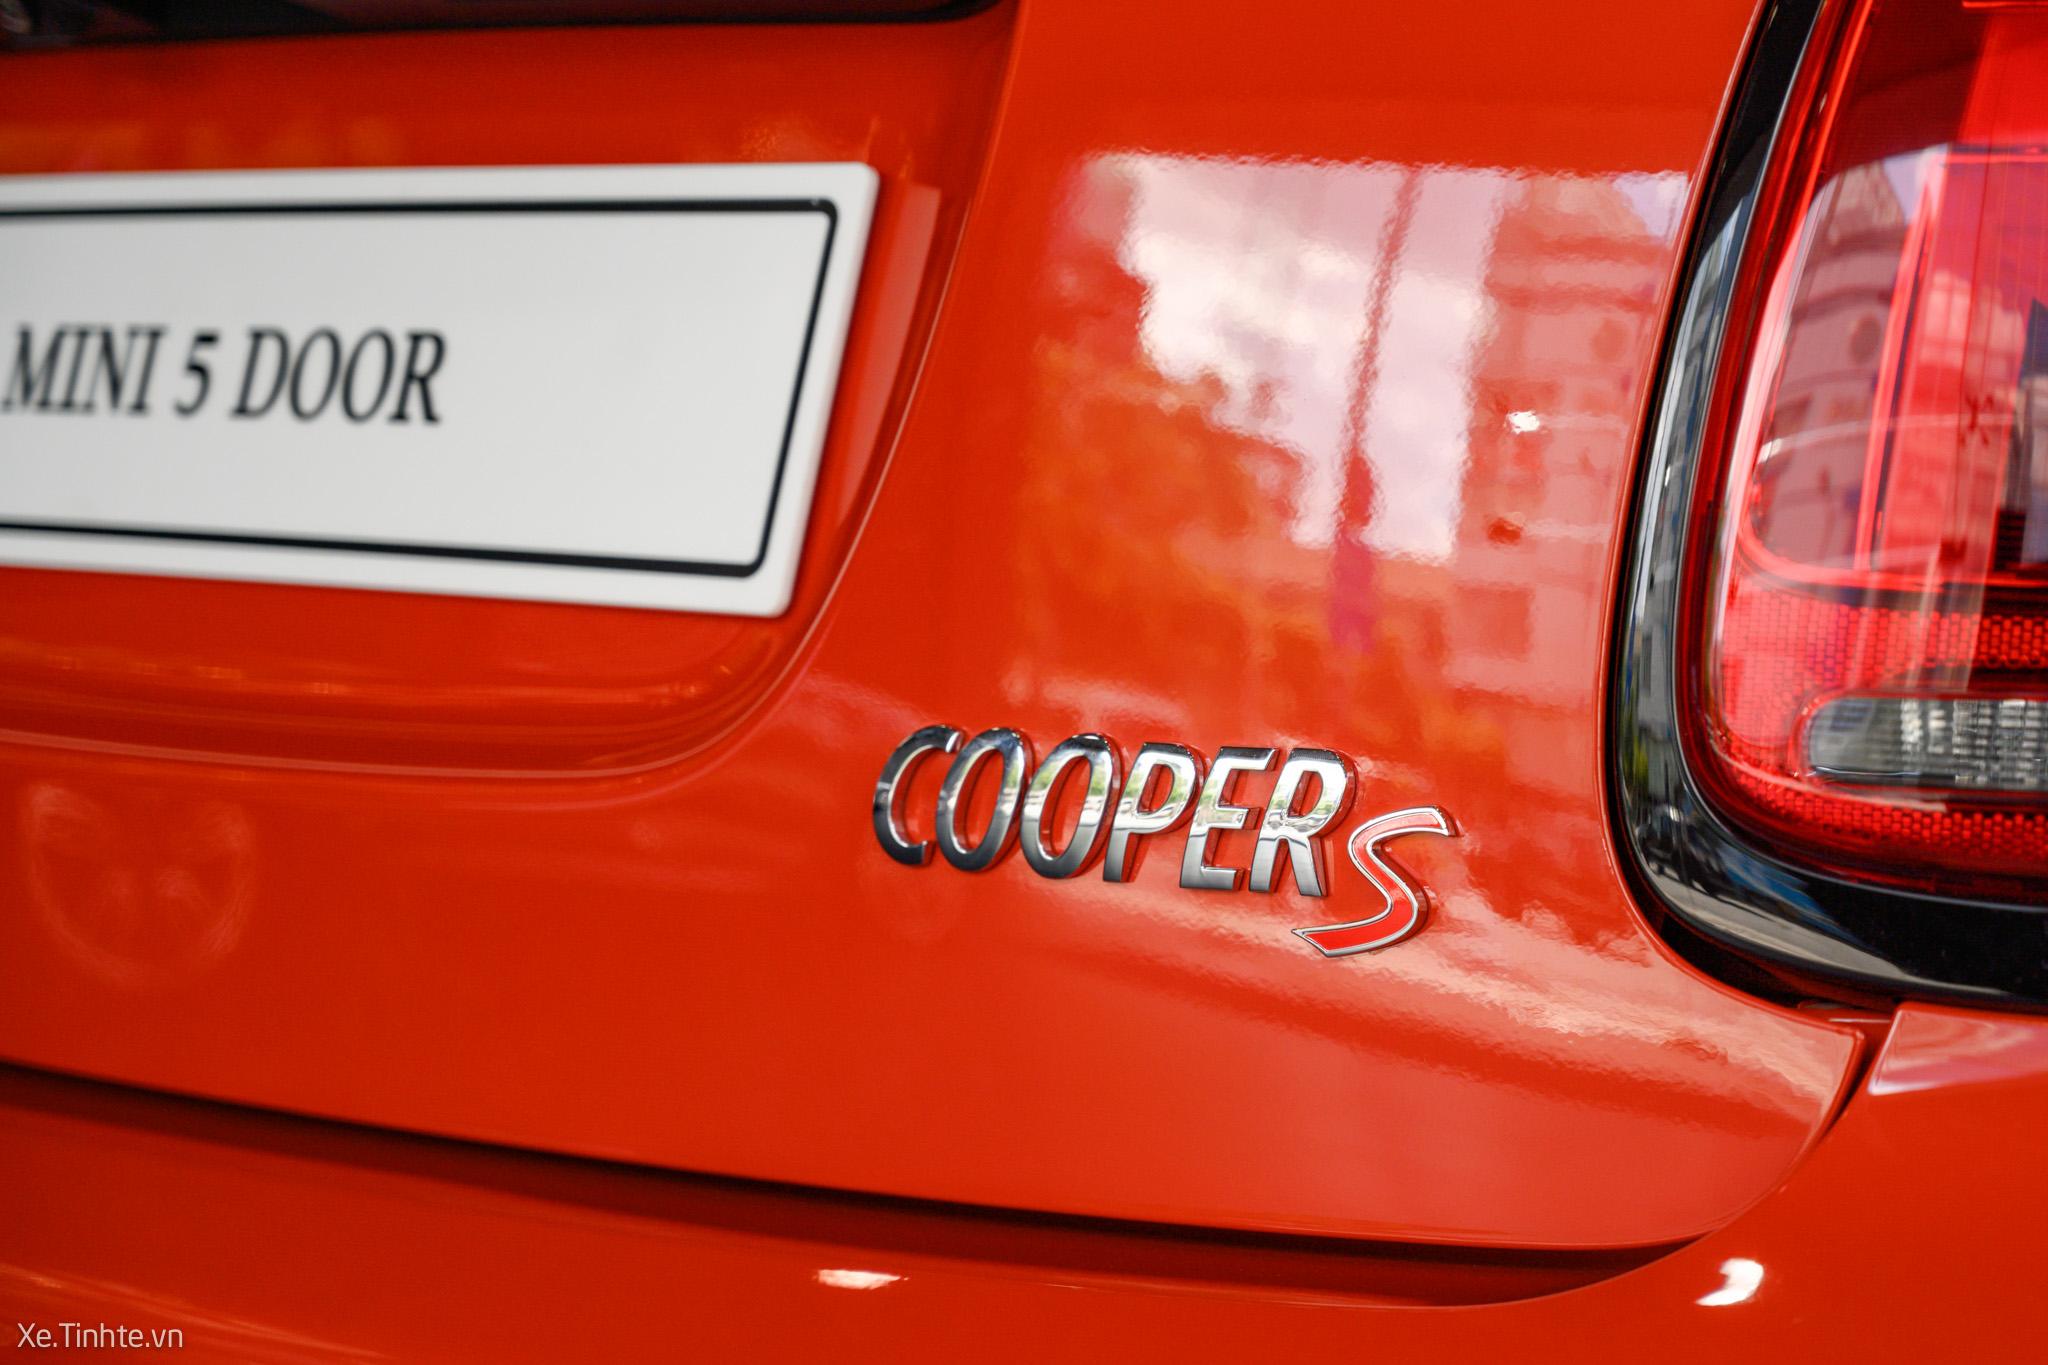 Mini-CooperS-5Door-xetinhte-18.jpg